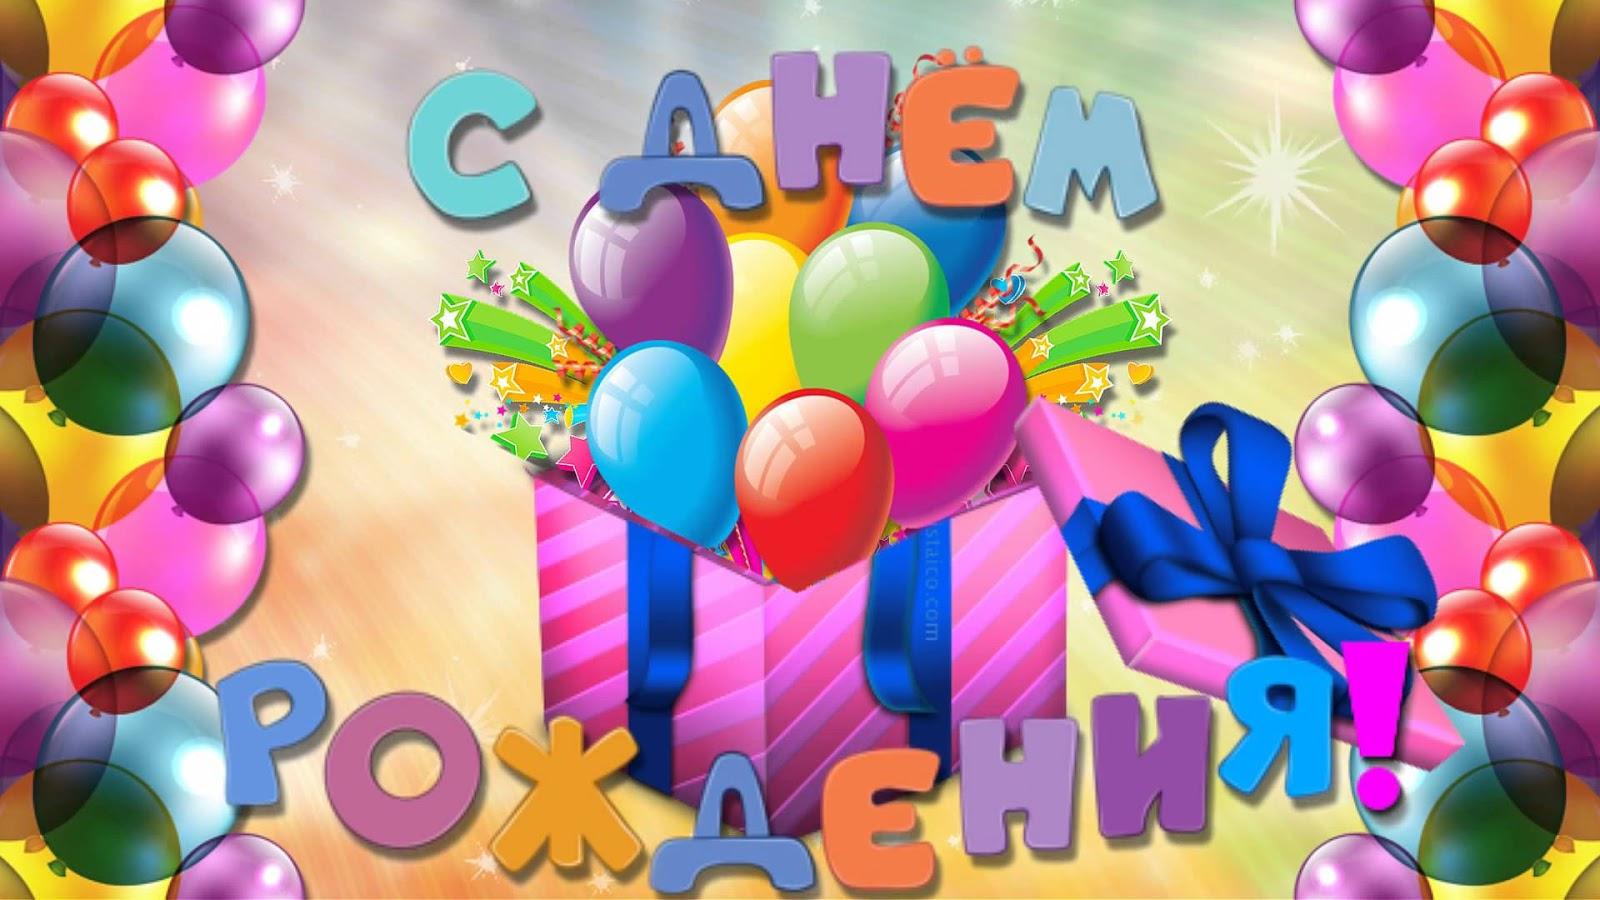 открытка с днем рождения 3 года мальчику лимузинов Барнауле Покупка